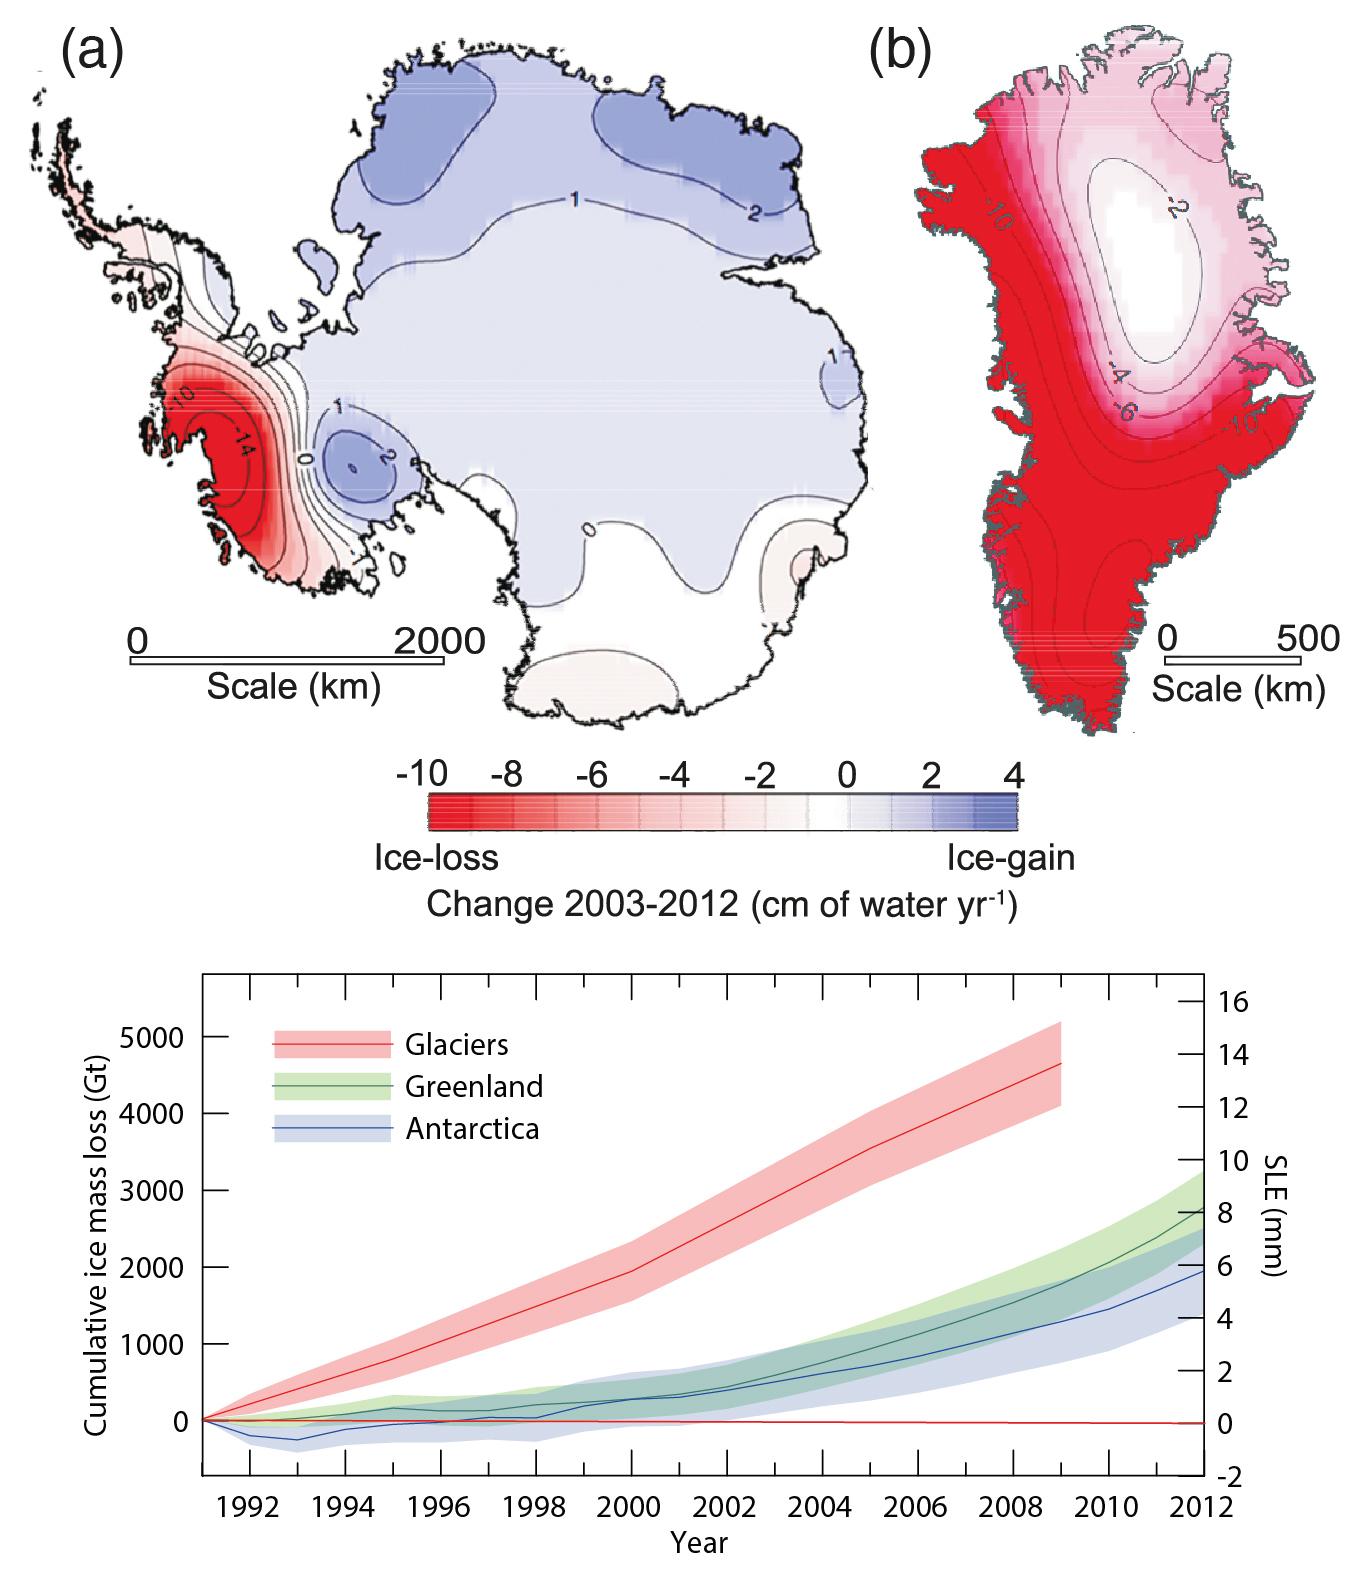 Les glaciers de l'Antarctique fondent trois fois plus vite depuis cinq ans - Page 2 WGI_AR5_FigTS-3_errata